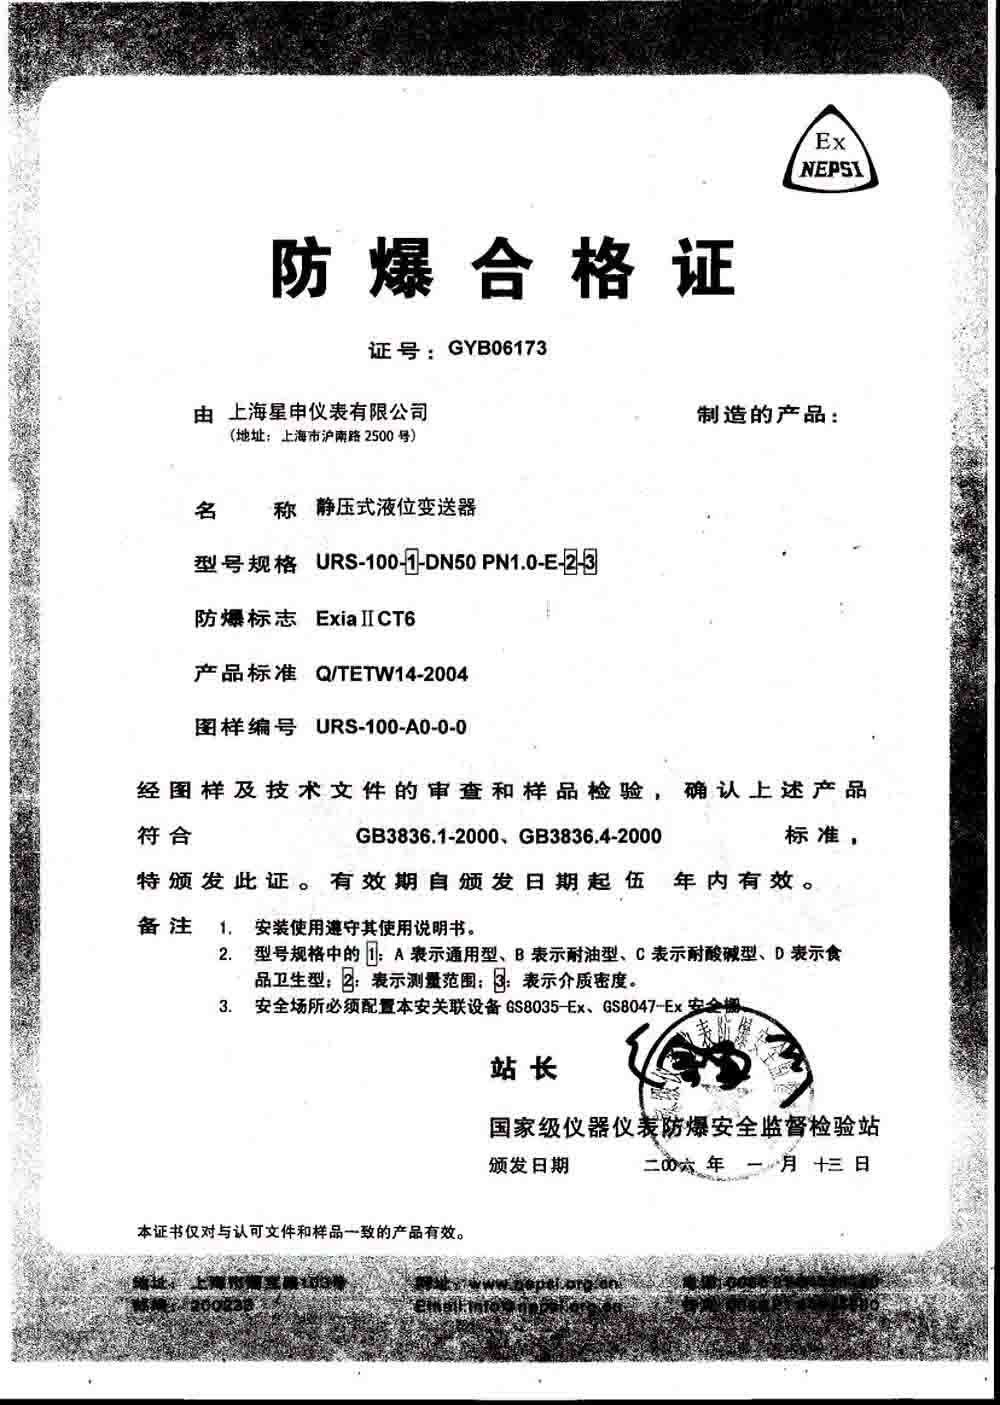 防爆合格证(本安型)-URS-100(GYB06173)